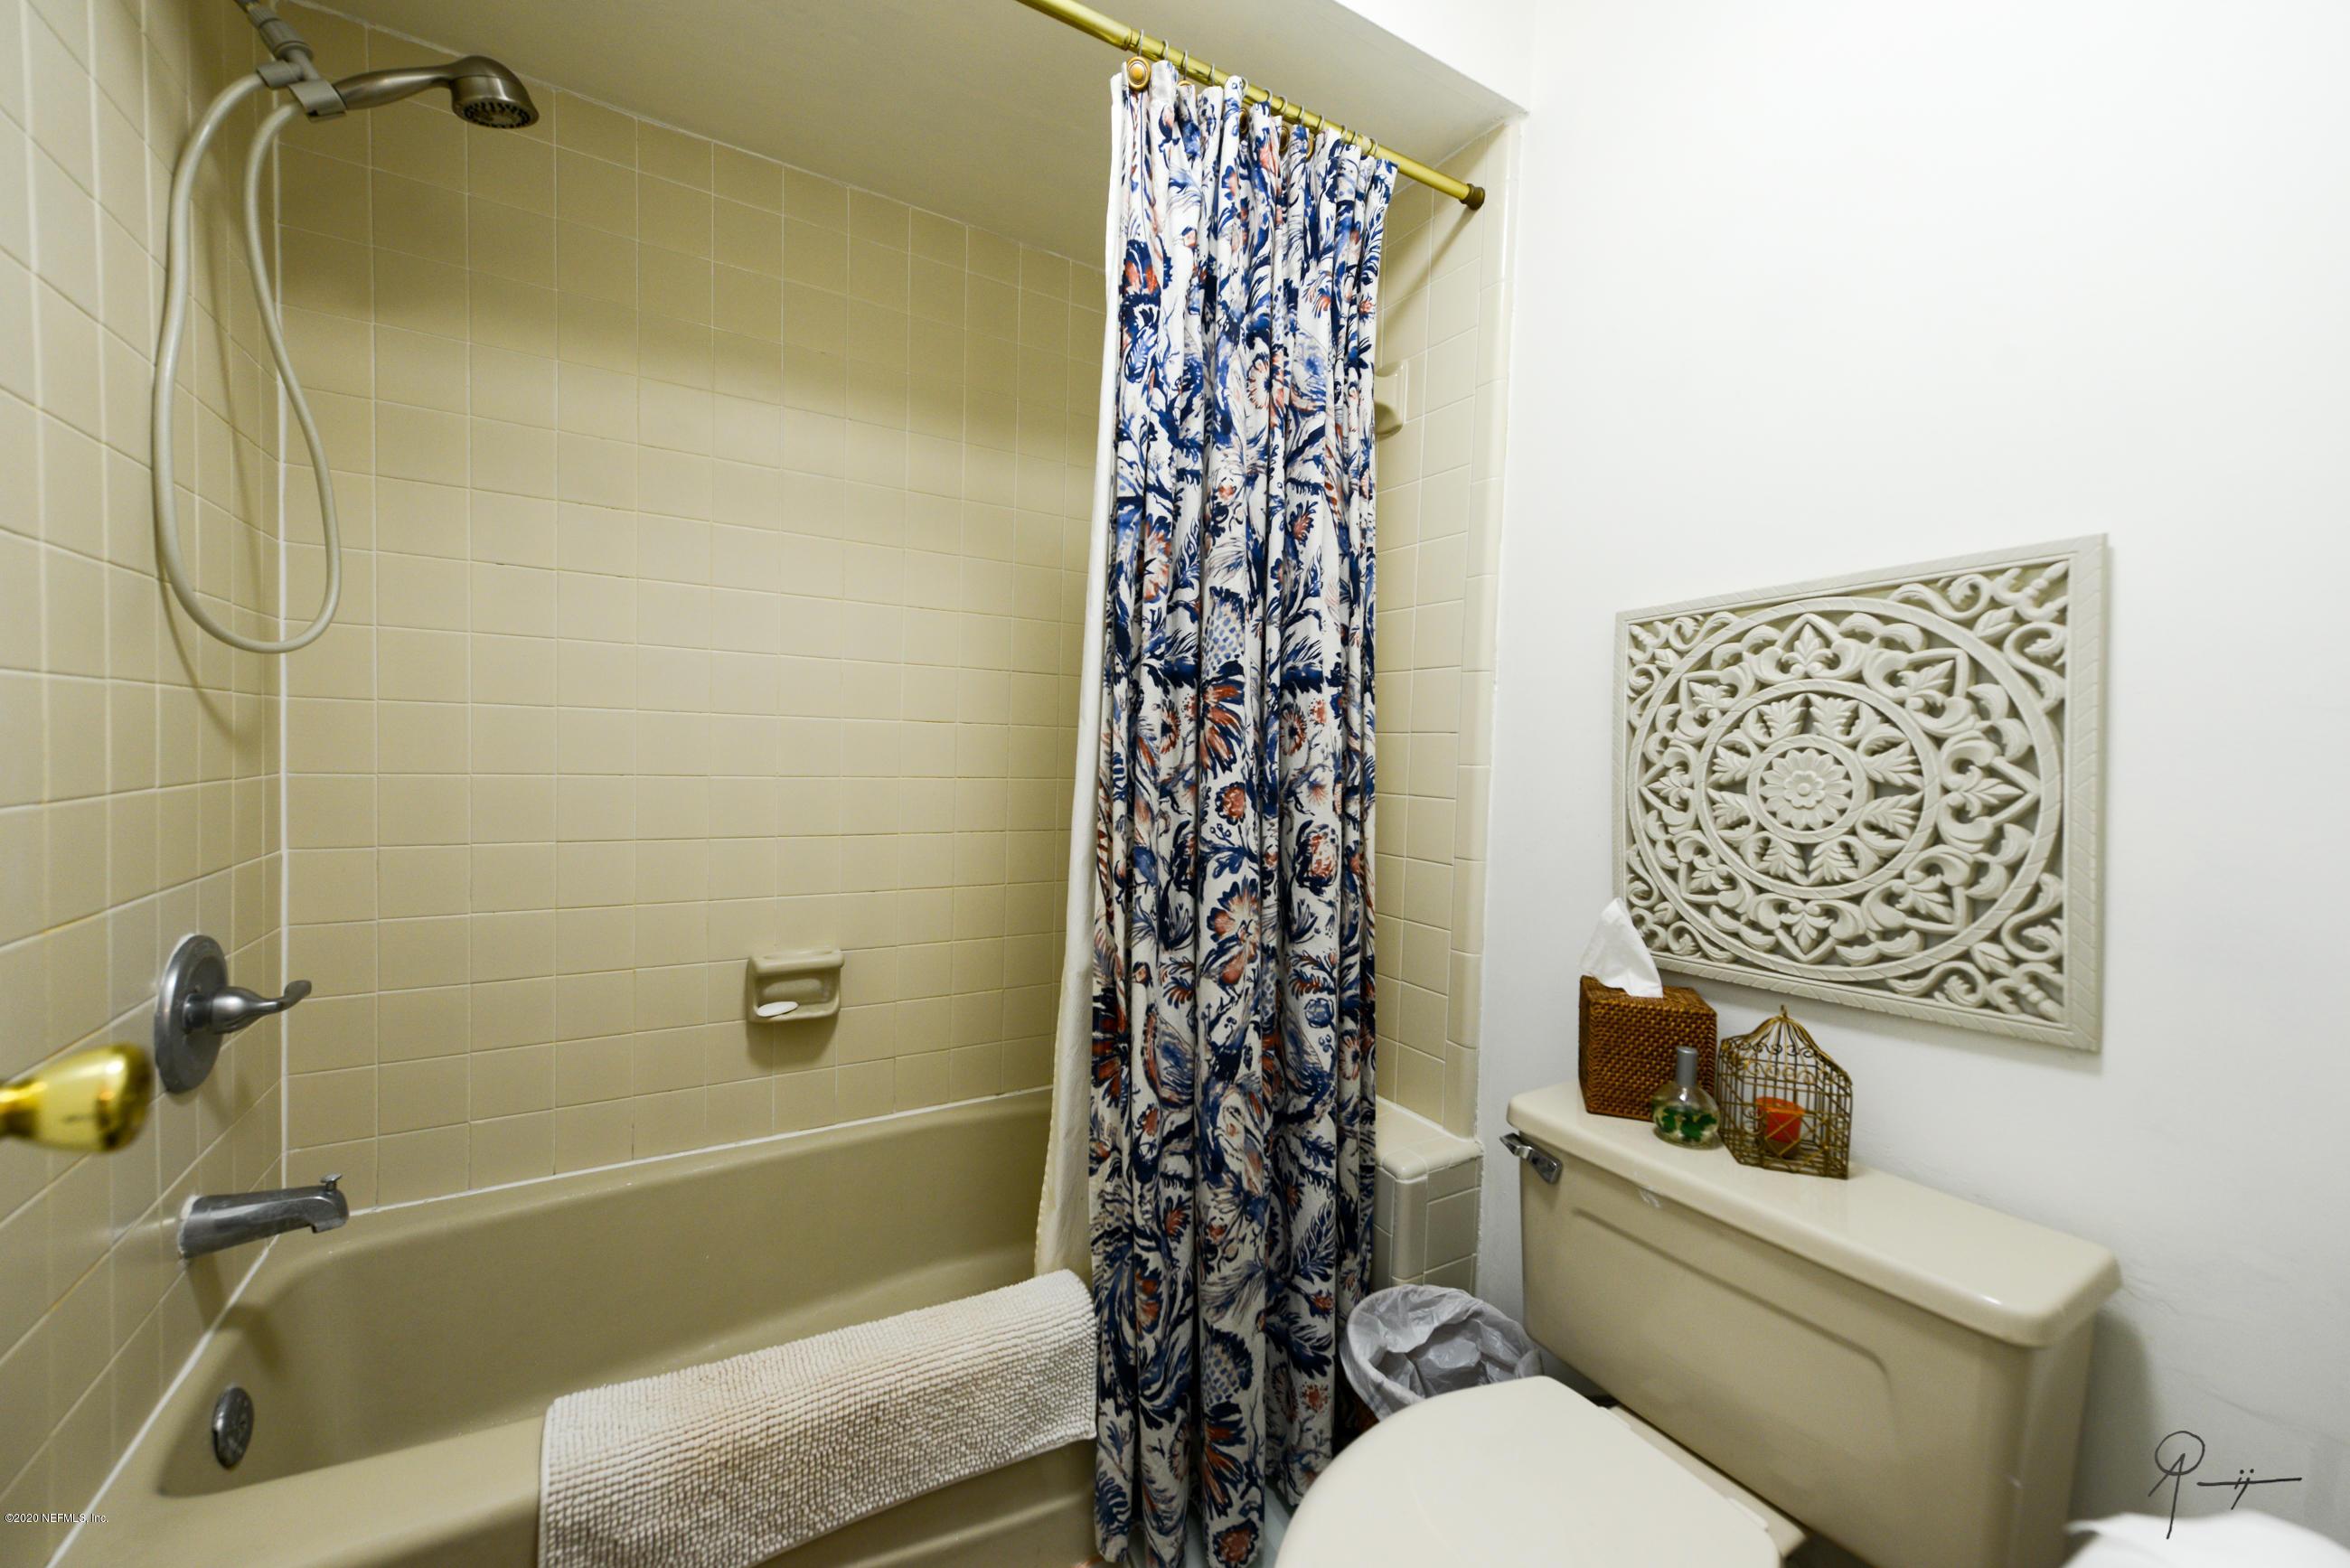 29 TURTLEBACK, PONTE VEDRA BEACH, FLORIDA 32082, 3 Bedrooms Bedrooms, ,2 BathroomsBathrooms,Residential,For sale,TURTLEBACK,1081259